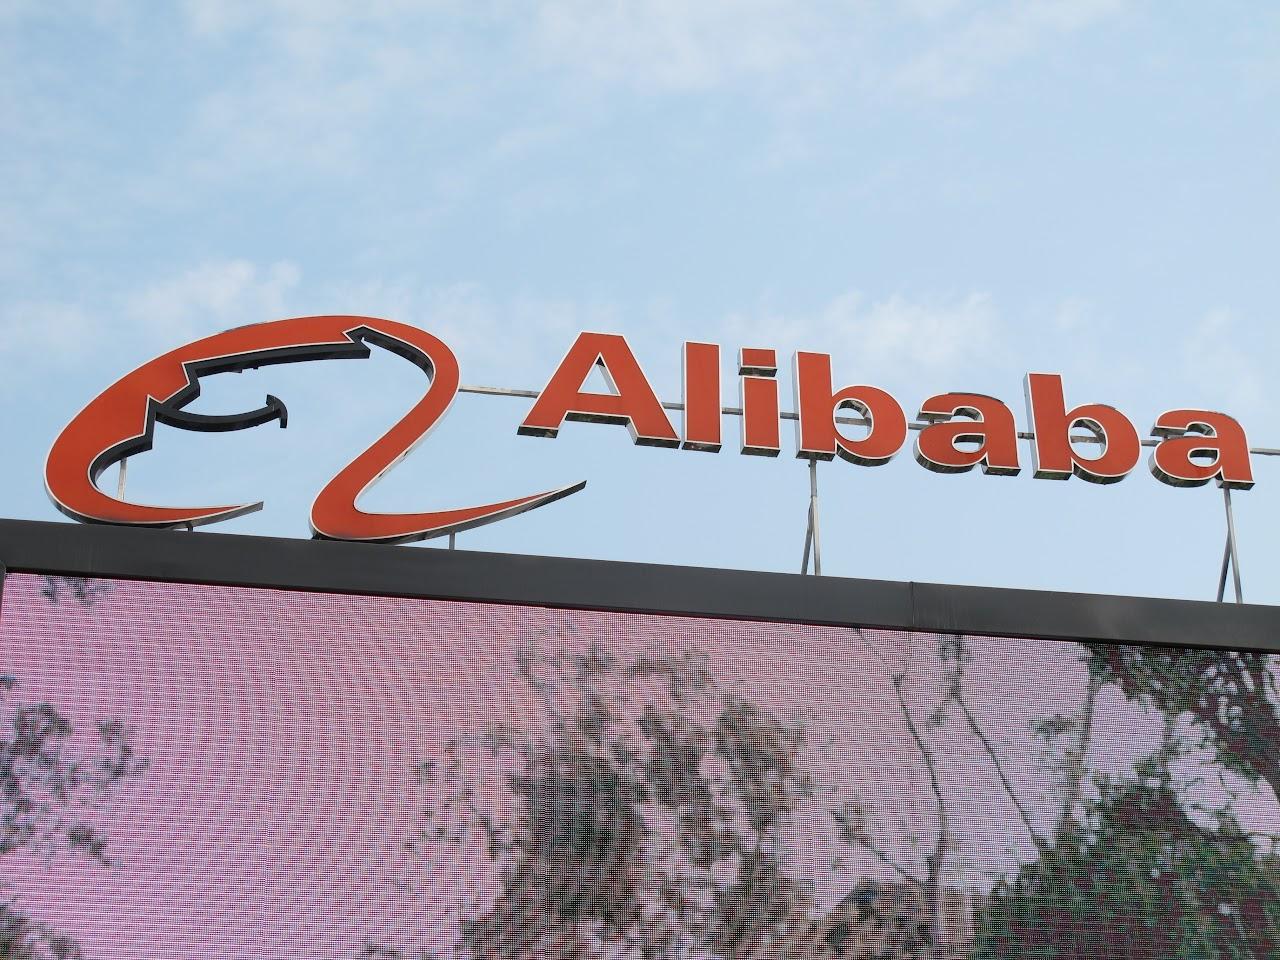 中國經濟成長放緩又如何?阿里巴巴上季營收增32%